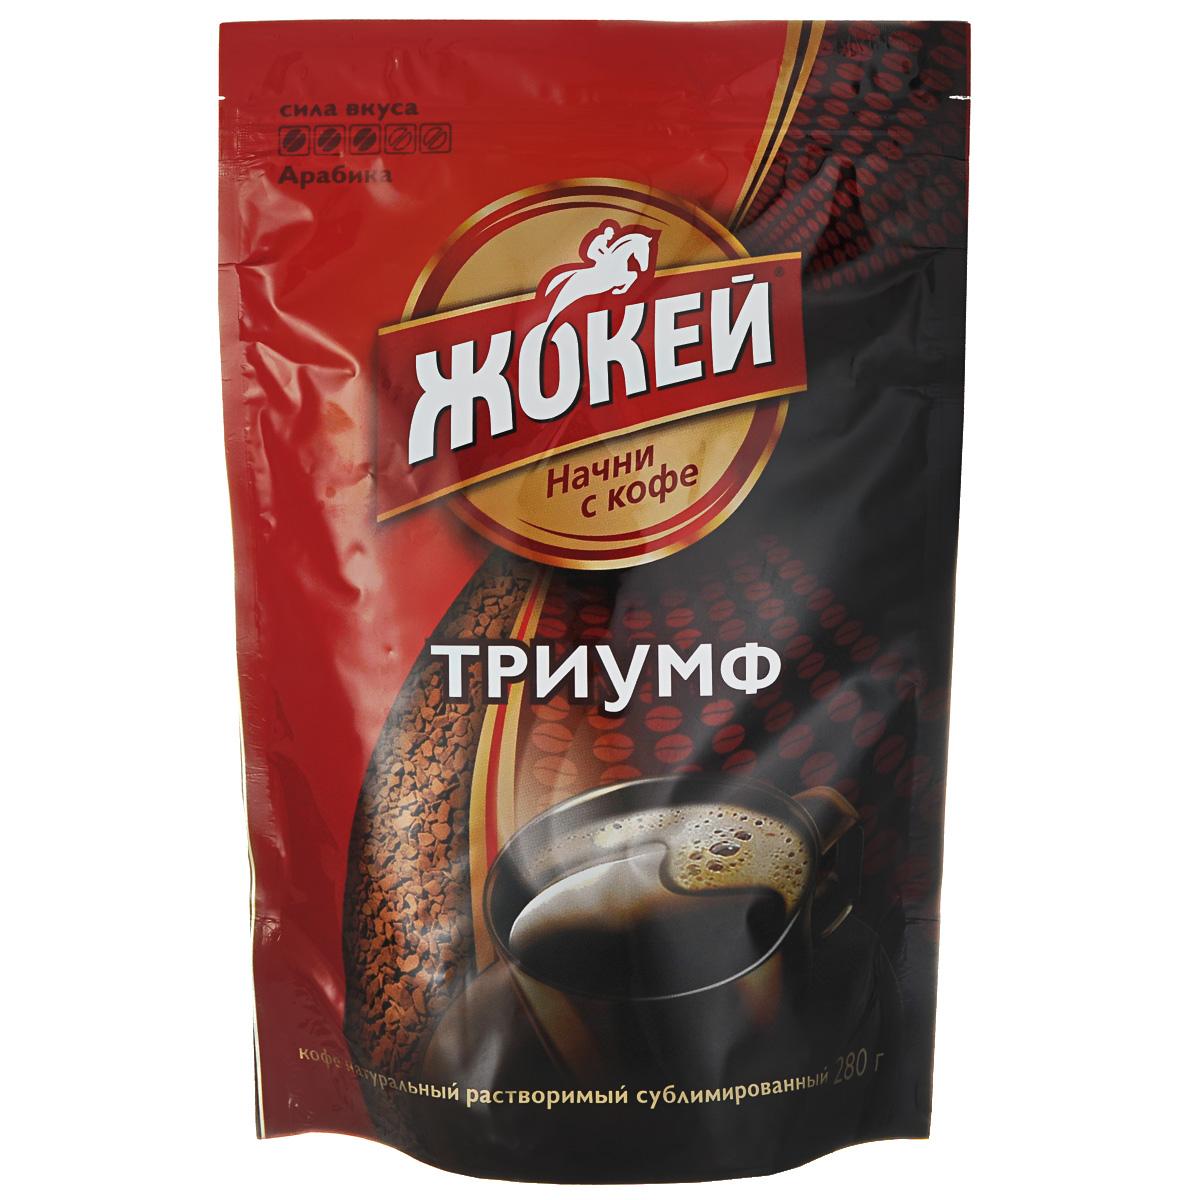 Жокей Триумф кофе растворимый, 280 г (м/у)0826-08Растворимый кофе Жокей Триумф обладает мягким, нежным вкусом с тонким, благородным ароматом.